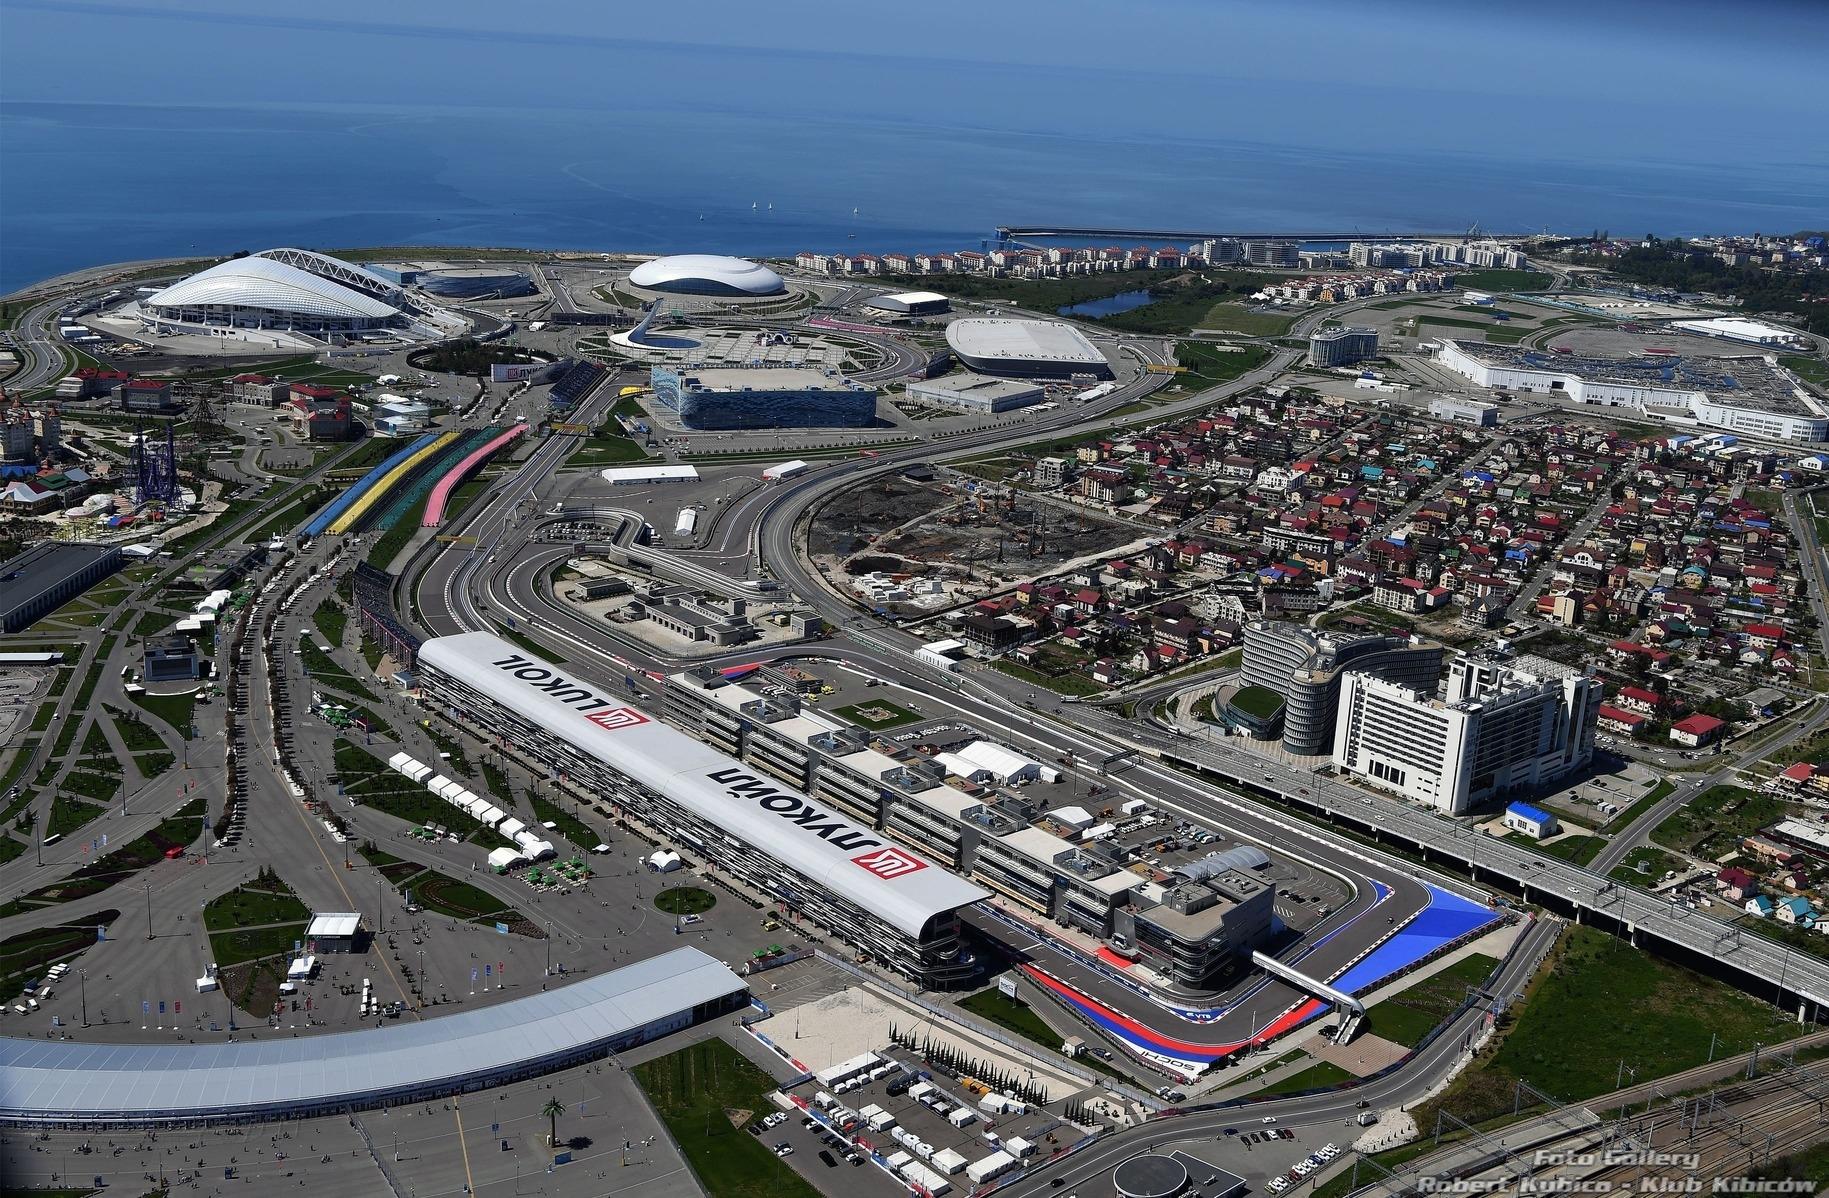 Formula 1: Grand Prix Rosji 2018 SochiAutodrom RussianGP